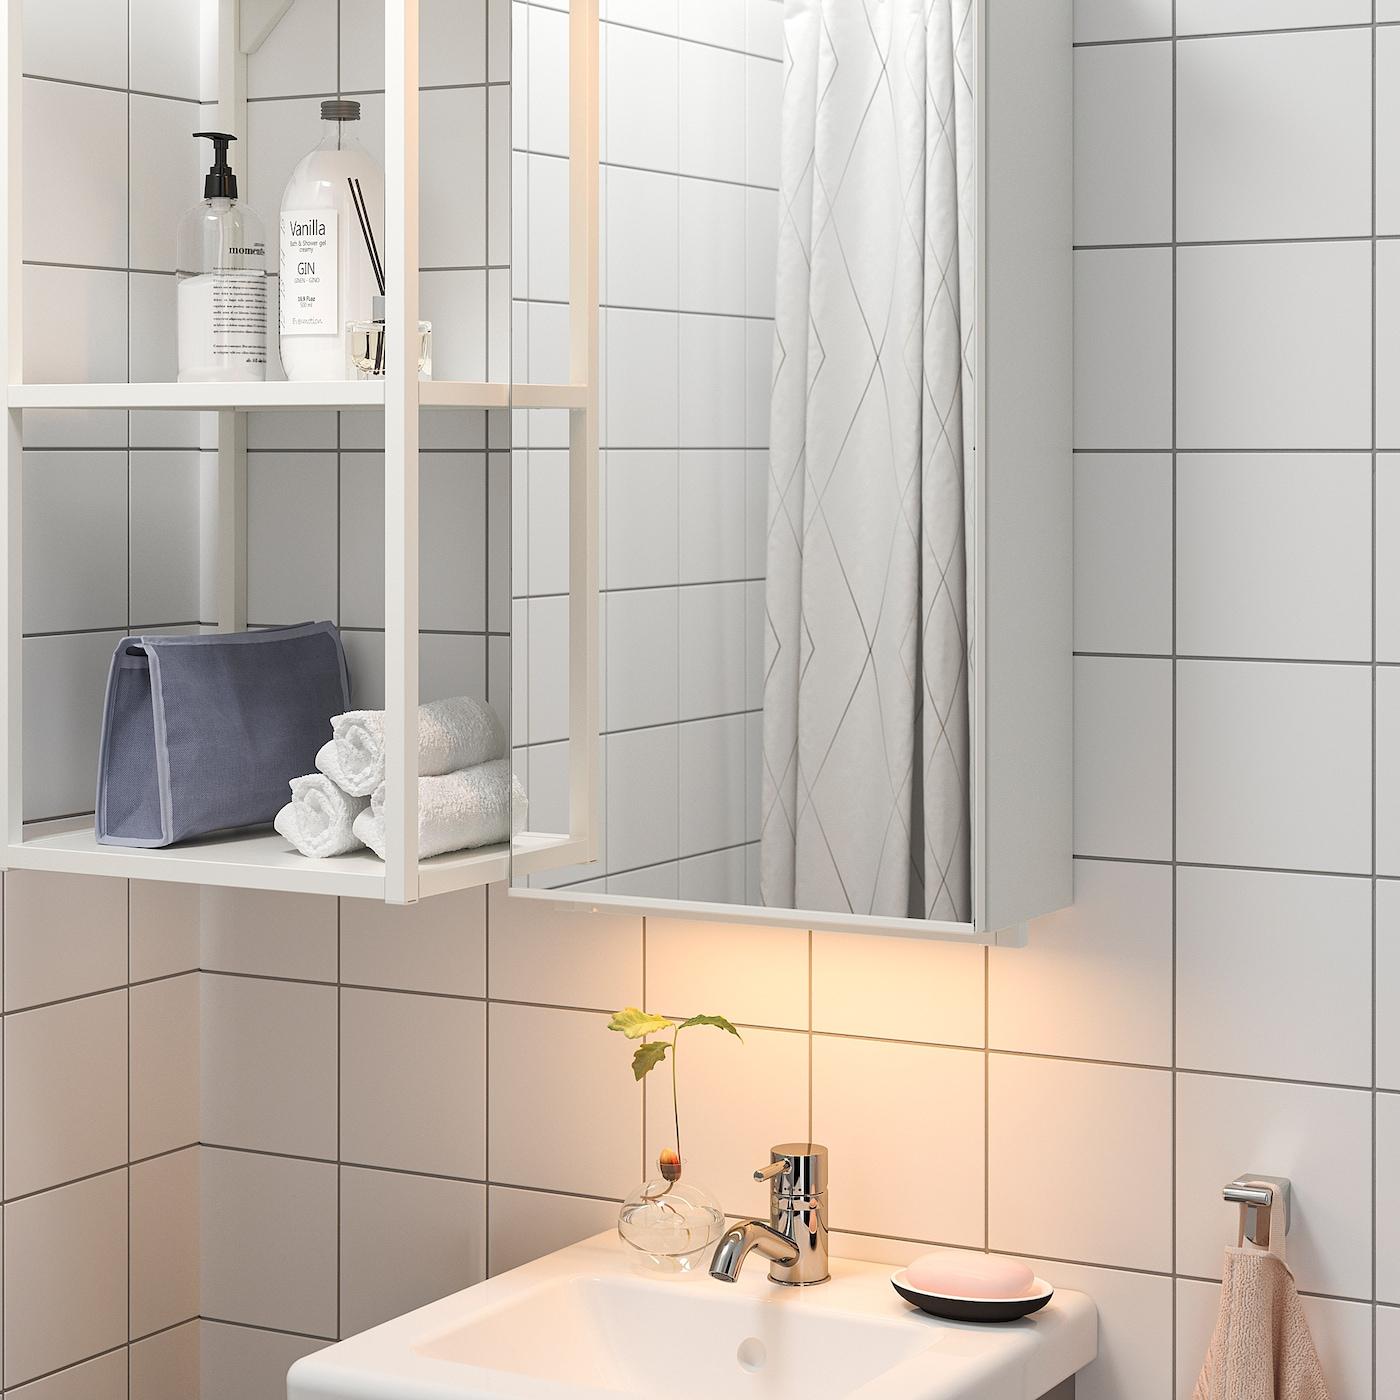 SILVERGLANS Lichtleiste, LED für Bad   dimmbar weiß 20 cm